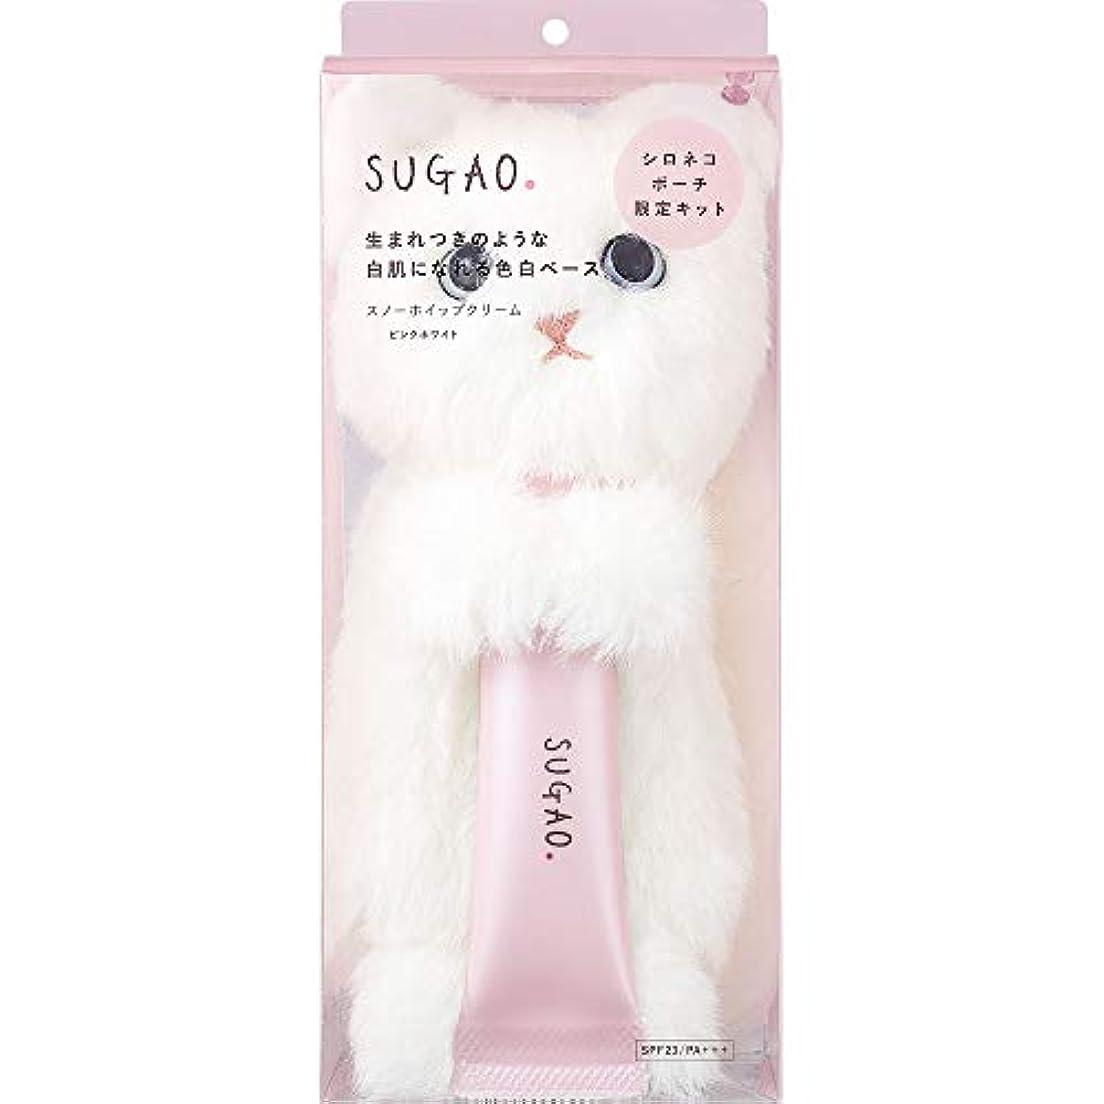 乱す宇宙認証スガオ (SUGAO) 化粧下地 スノーホイップクリーム シロネコポーチ付き